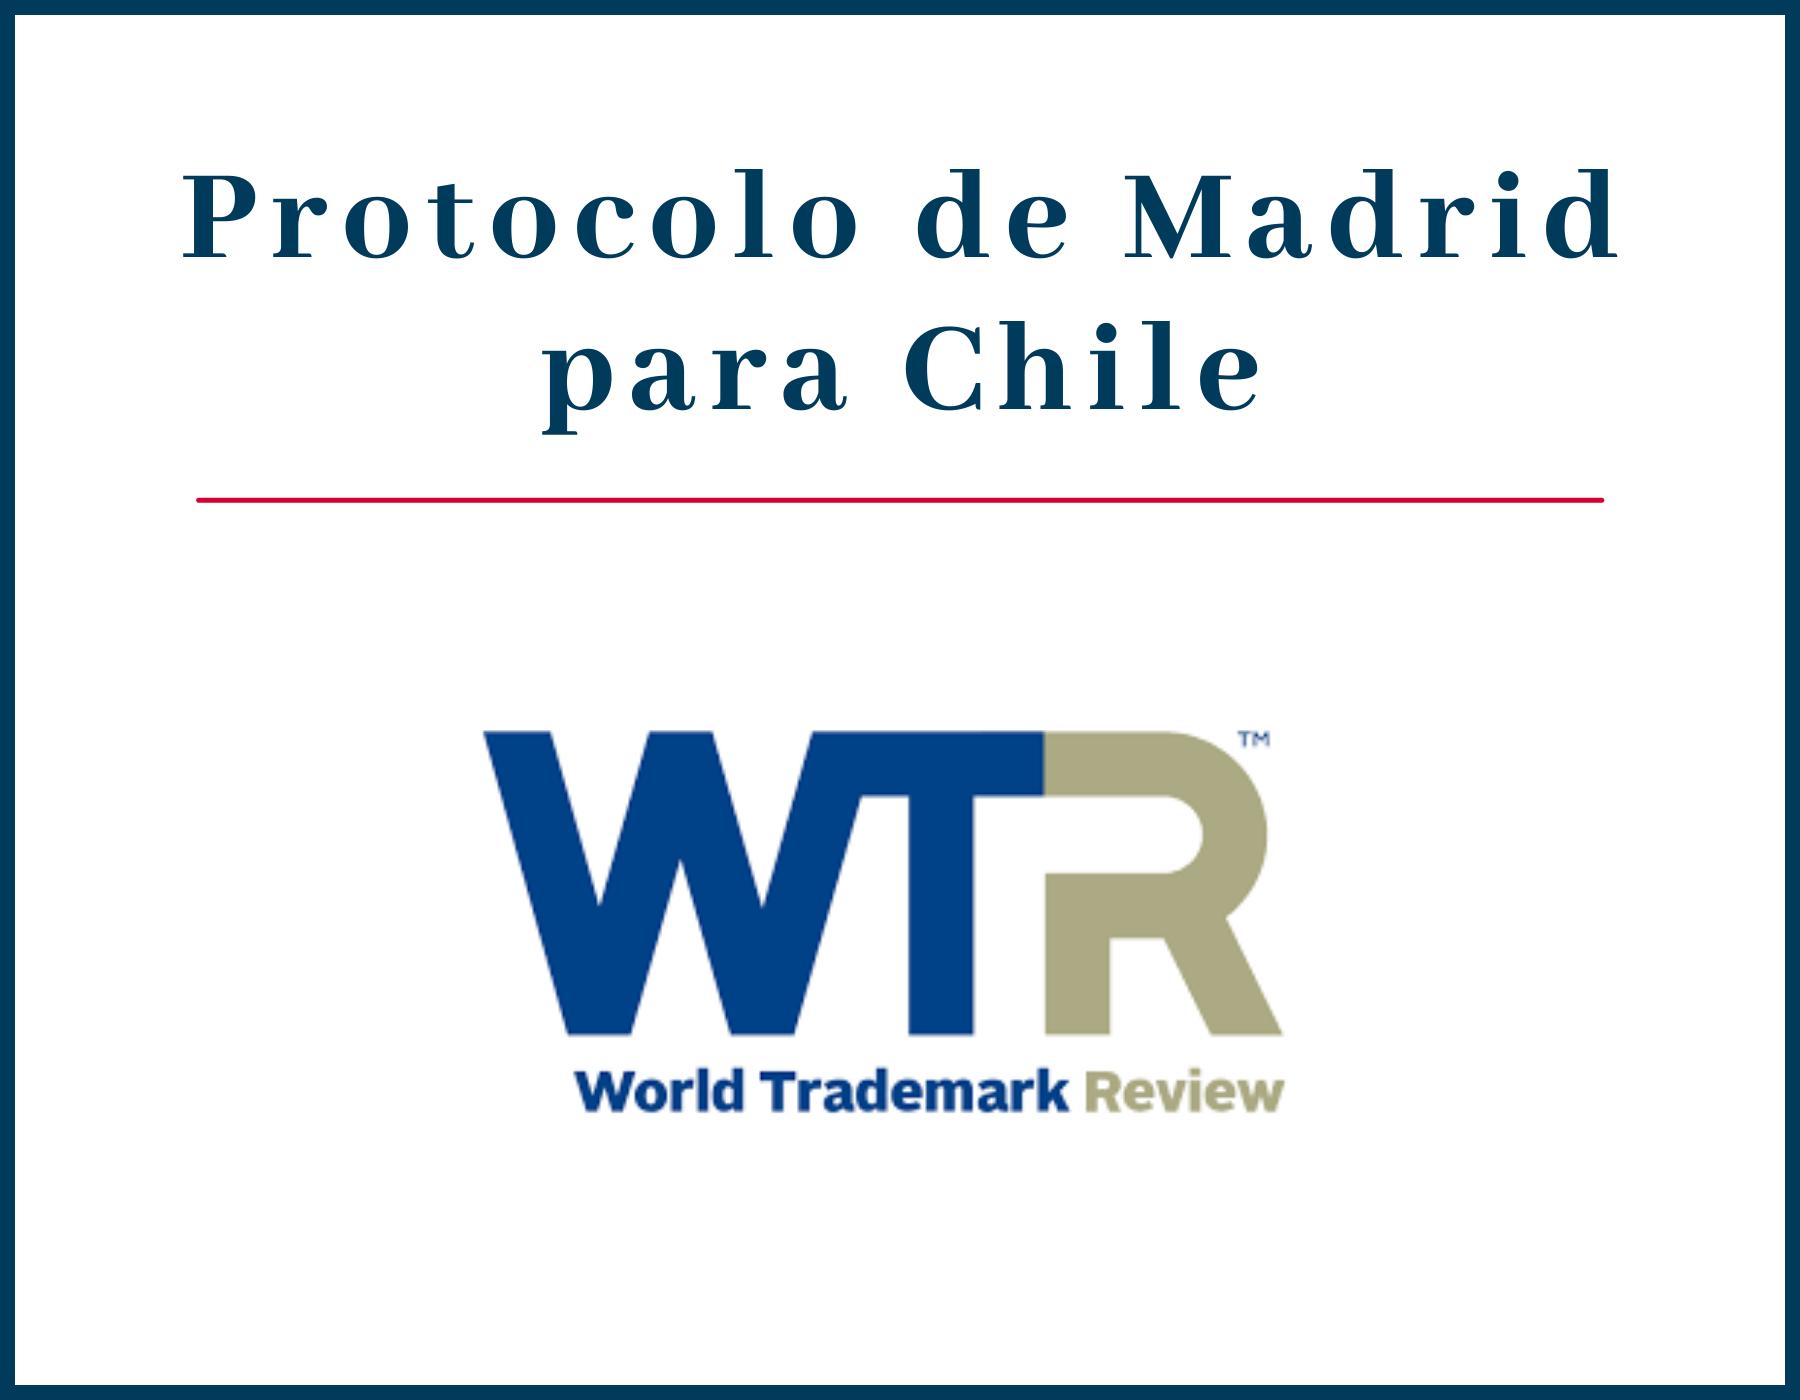 """Sofía Covarrubias comentó para World Trademark Review en """"No estamos seguros de que sea el momento adecuado: los profesionales cuestionan la decisión de Chile de aprobar el protocolo de Madrid""""."""